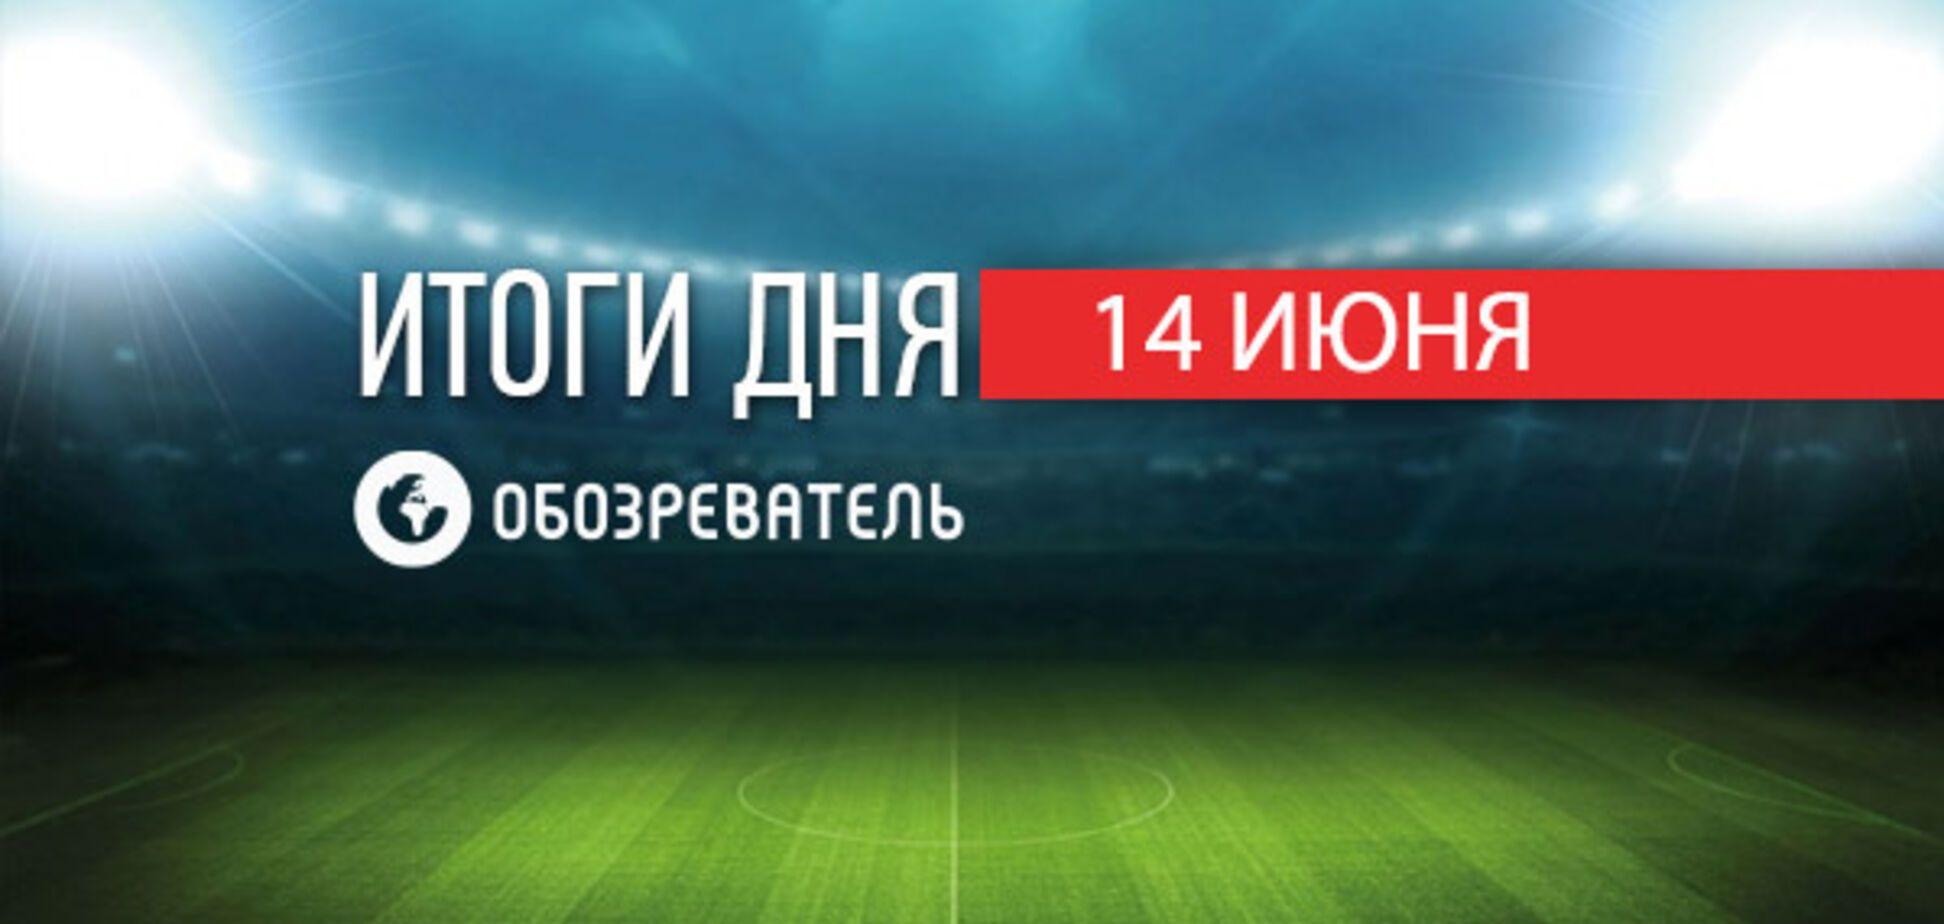 У Украины возникли проблемы в деле Мораеса: спортивные итоги 14 июня